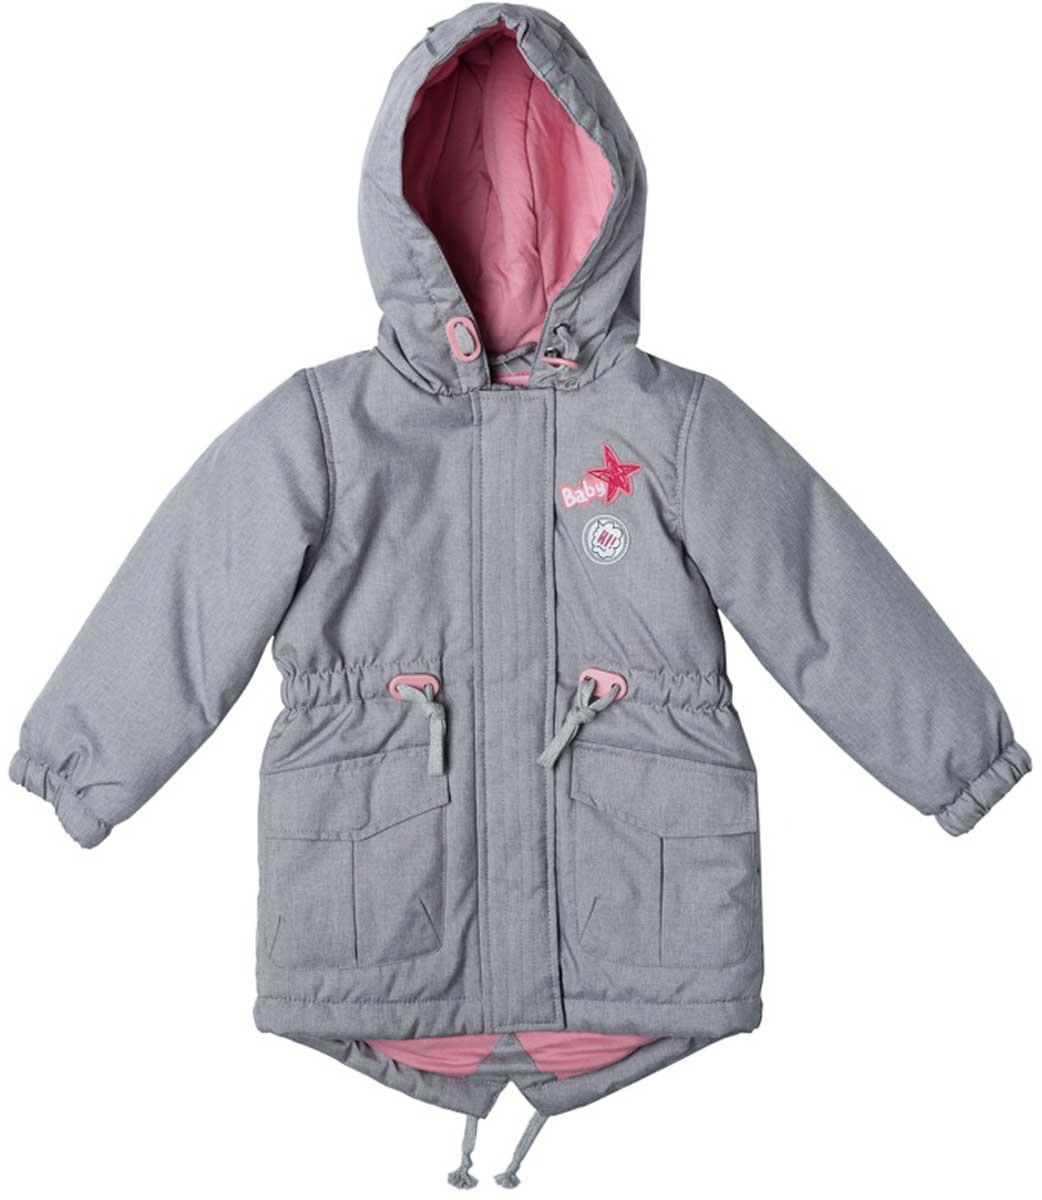 Куртка178003Практичная утепленная куртка с капюшоном со специальной водоотталкивающей пропиткой защитит вашего ребенка в любую погоду! Мягкие трикотажные резинки на рукавах защитят вашего ребенка - ветер не сможет проникнуть под куртку. Специальный карман для фиксации застежки-молнии не позволит застежке травмировать нежную детскую кожу. Мягкая резинка на капюшоне не позволит ему упасть с головы вашего ребенка даже во время активных игр. Для дополнительного сохранения тепла модель снабжена шнурами - кулисками на поясе и по низу изделия.